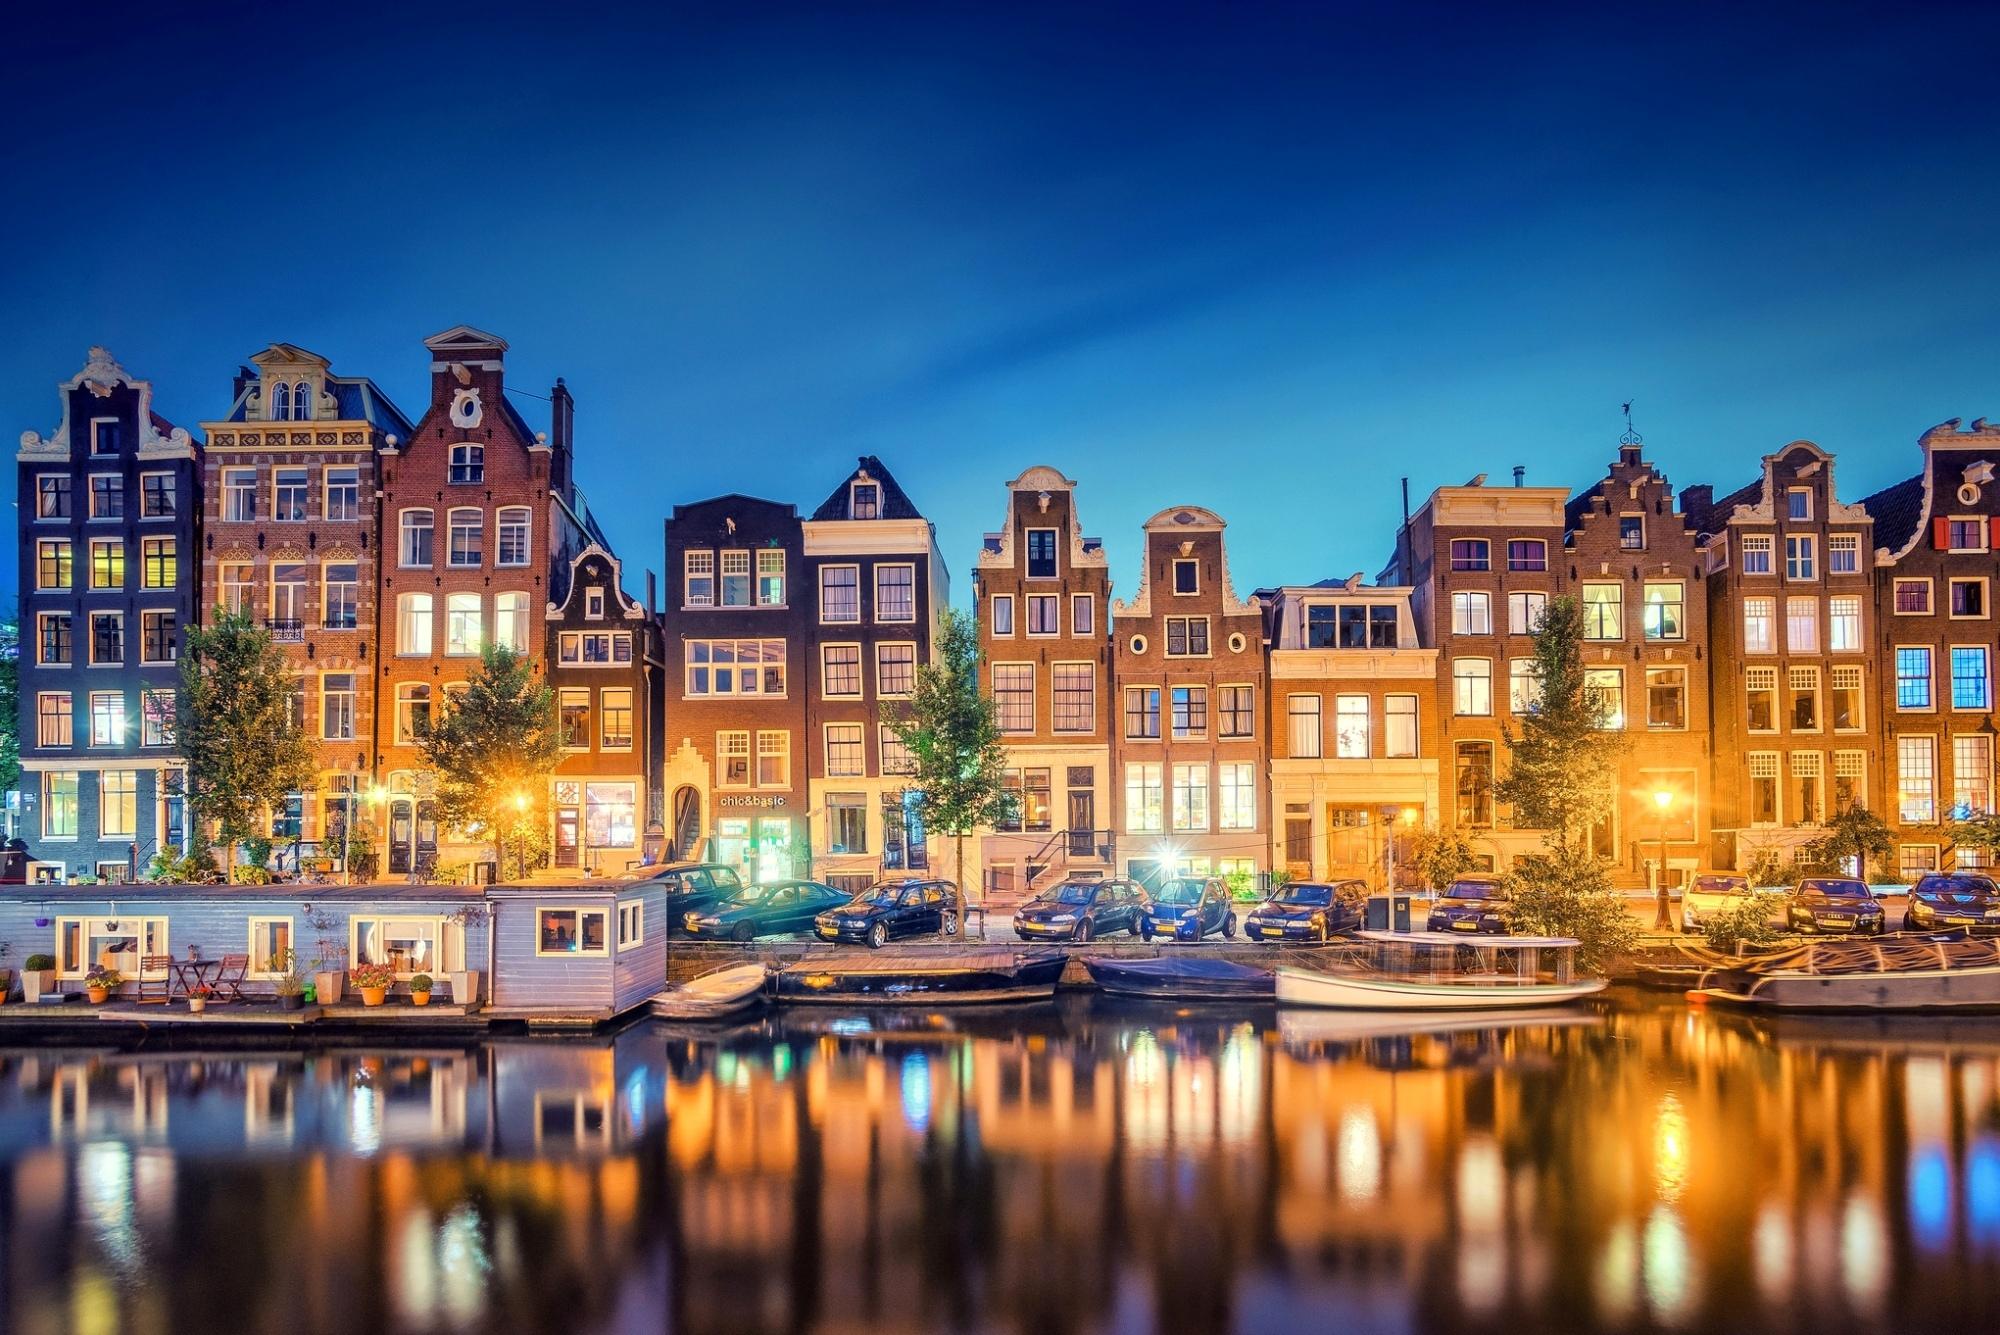 остальных смотреть картинки амстердама стоит